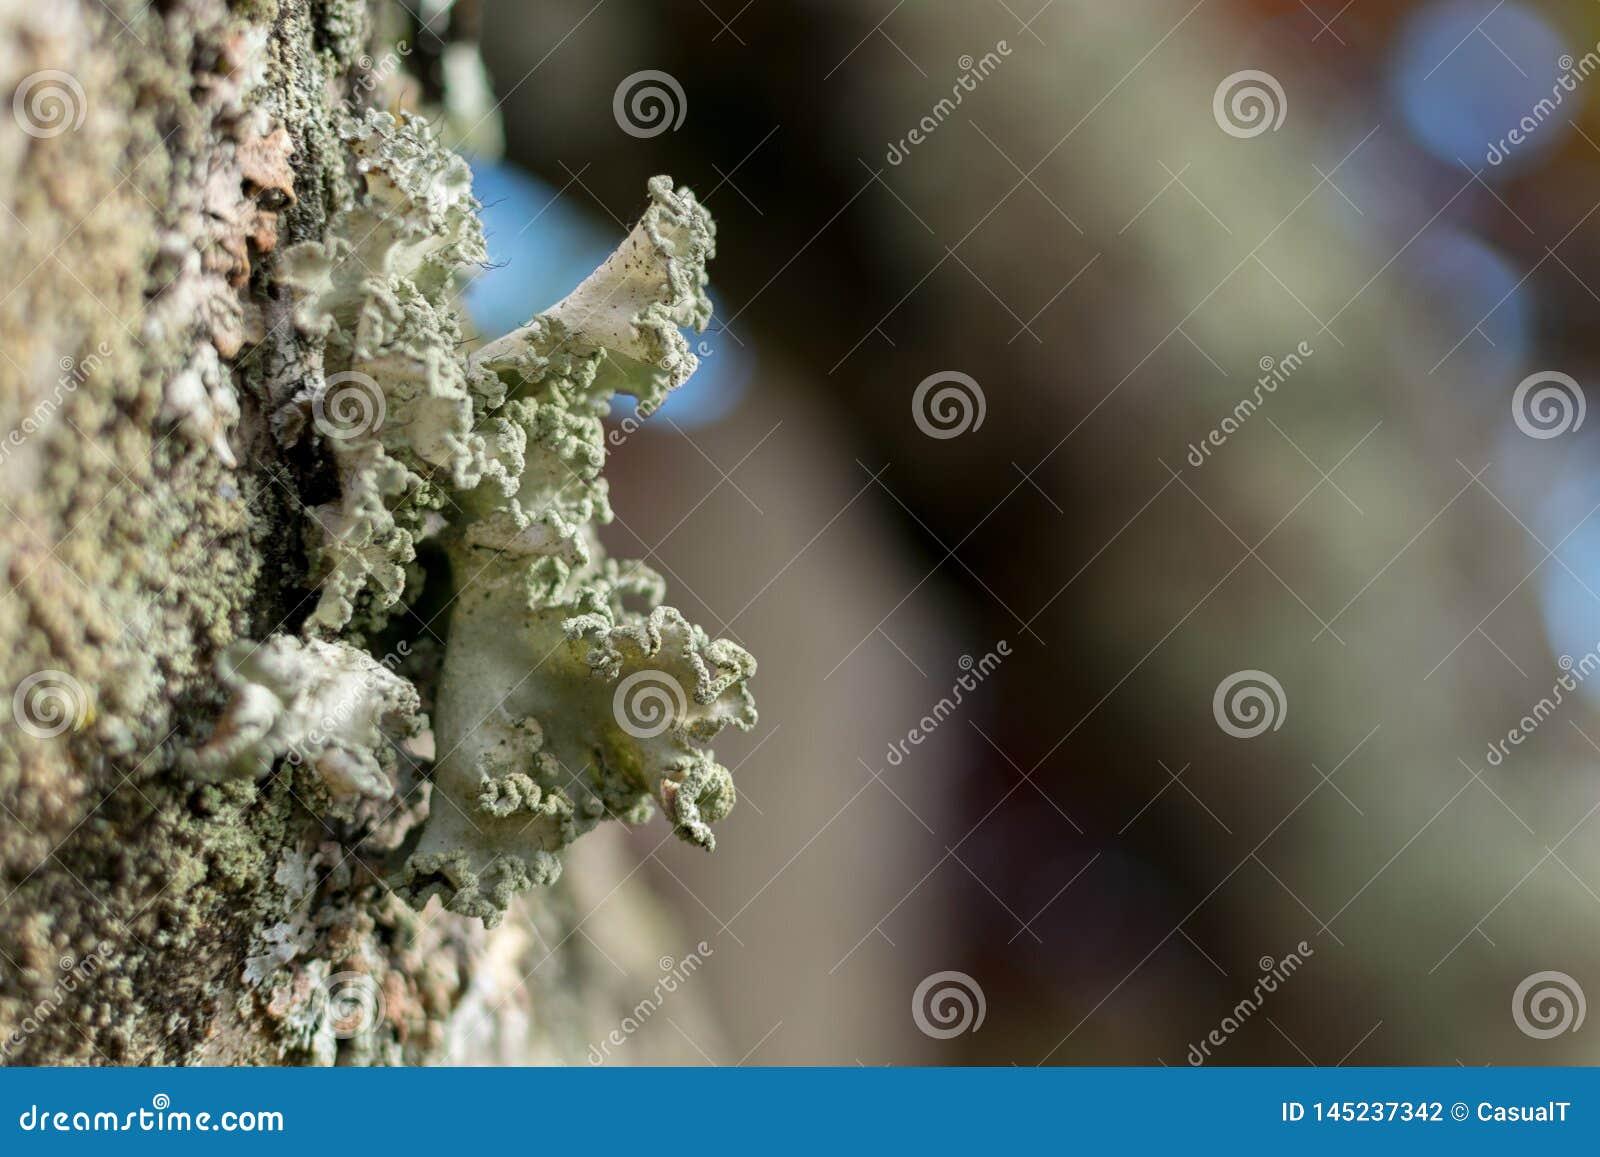 Ciérrese para arriba de liquenes de la árbol-vivienda, creciendo en el remiendo de la corteza, contra un fondo del bokeh, en el